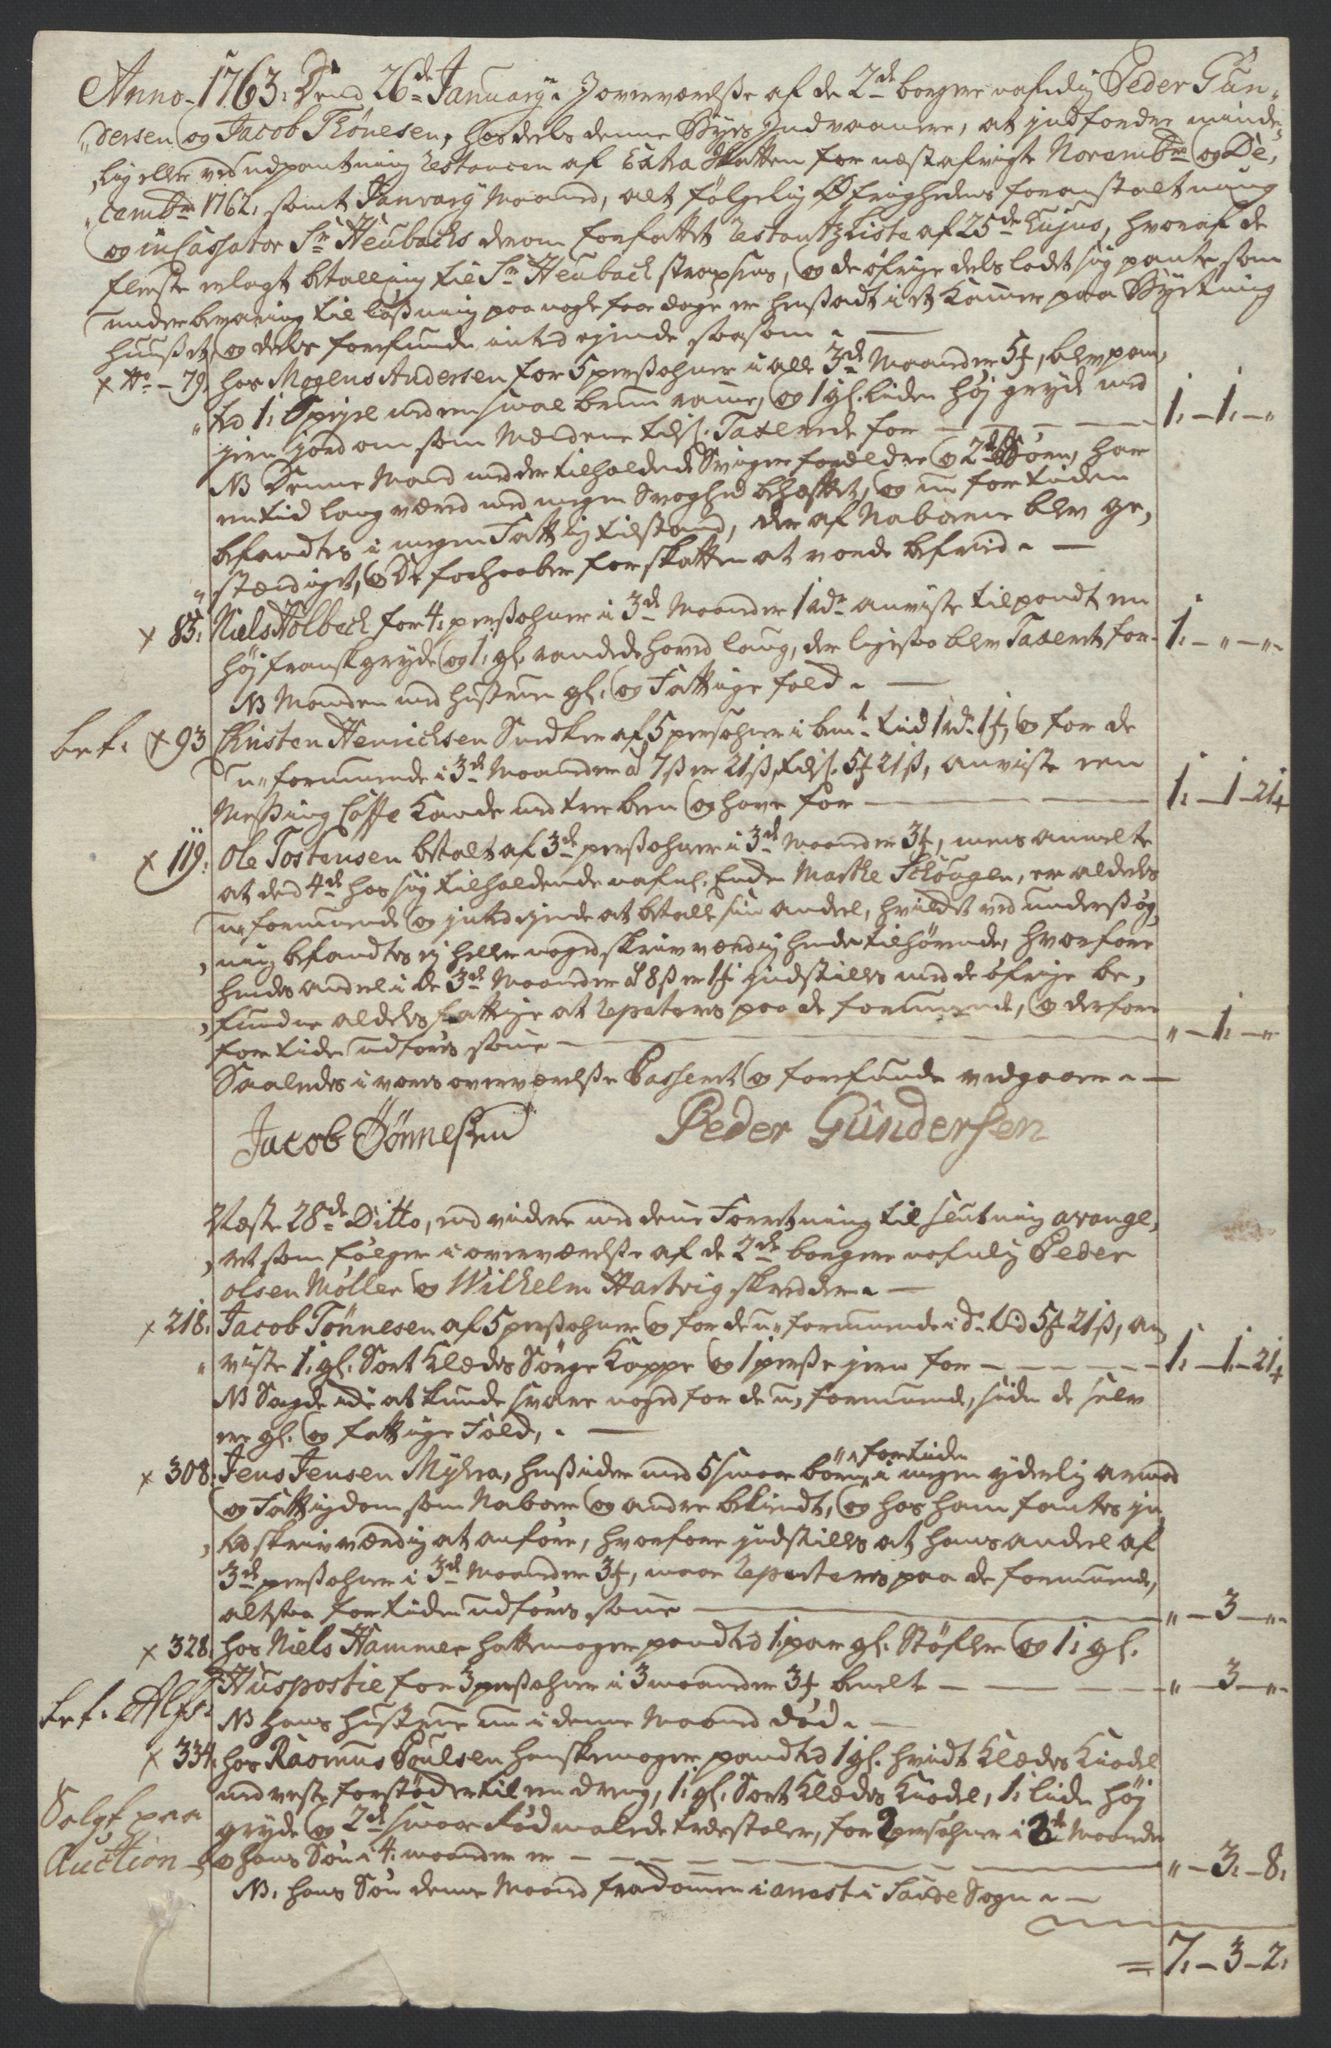 RA, Rentekammeret inntil 1814, Reviderte regnskaper, Byregnskaper, R/Rf/L0119: [F2] Kontribusjonsregnskap, 1762-1767, s. 134